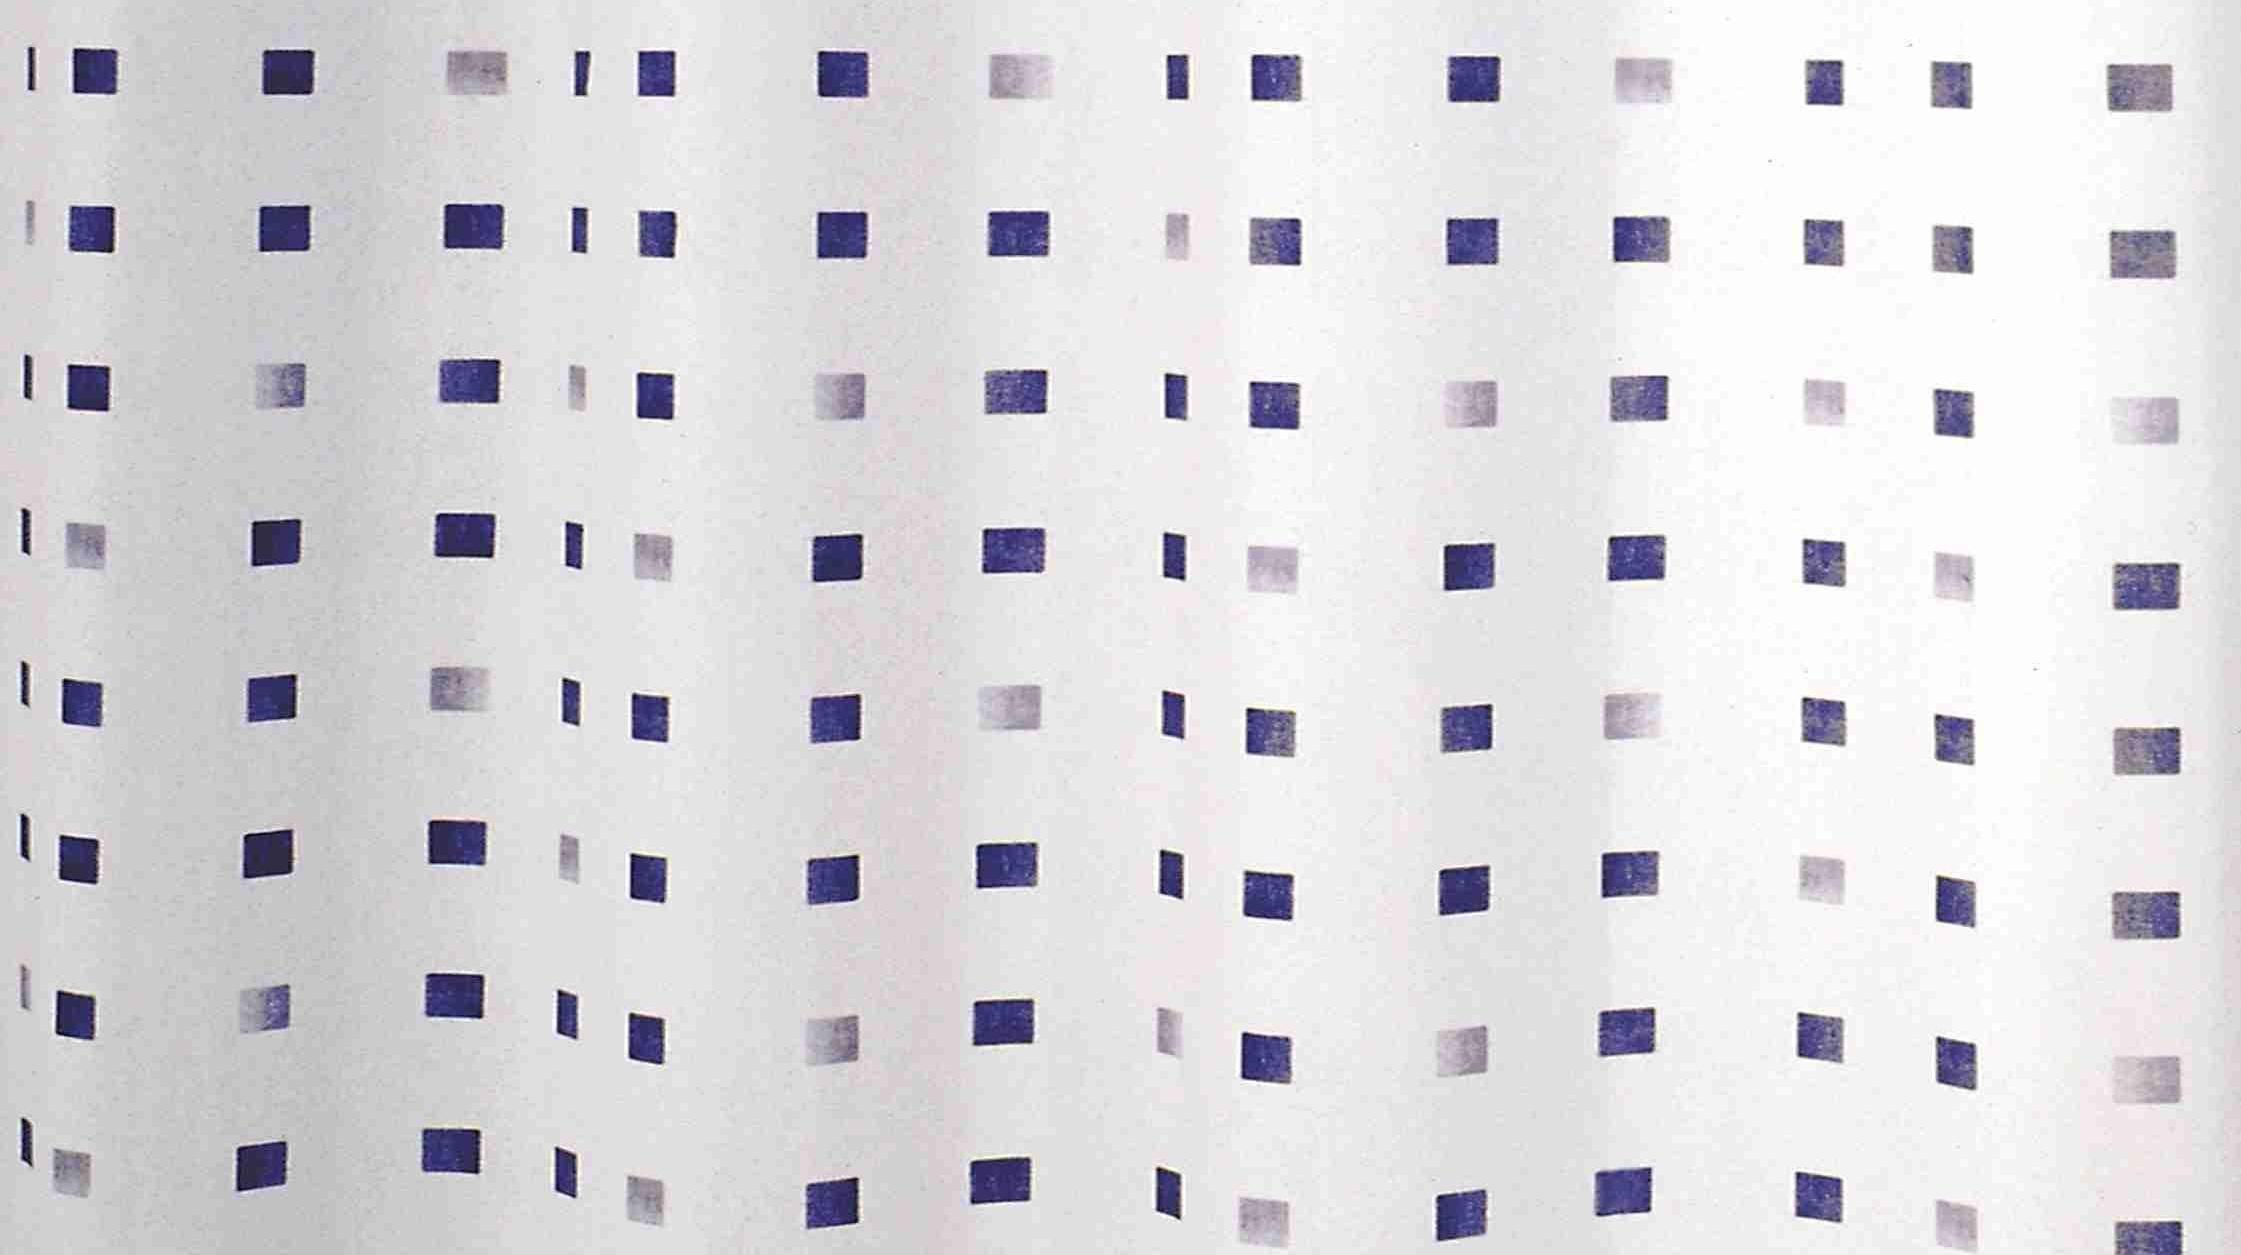 GRUND Sprchový závěs PIAZZE modrý 180x200 cm